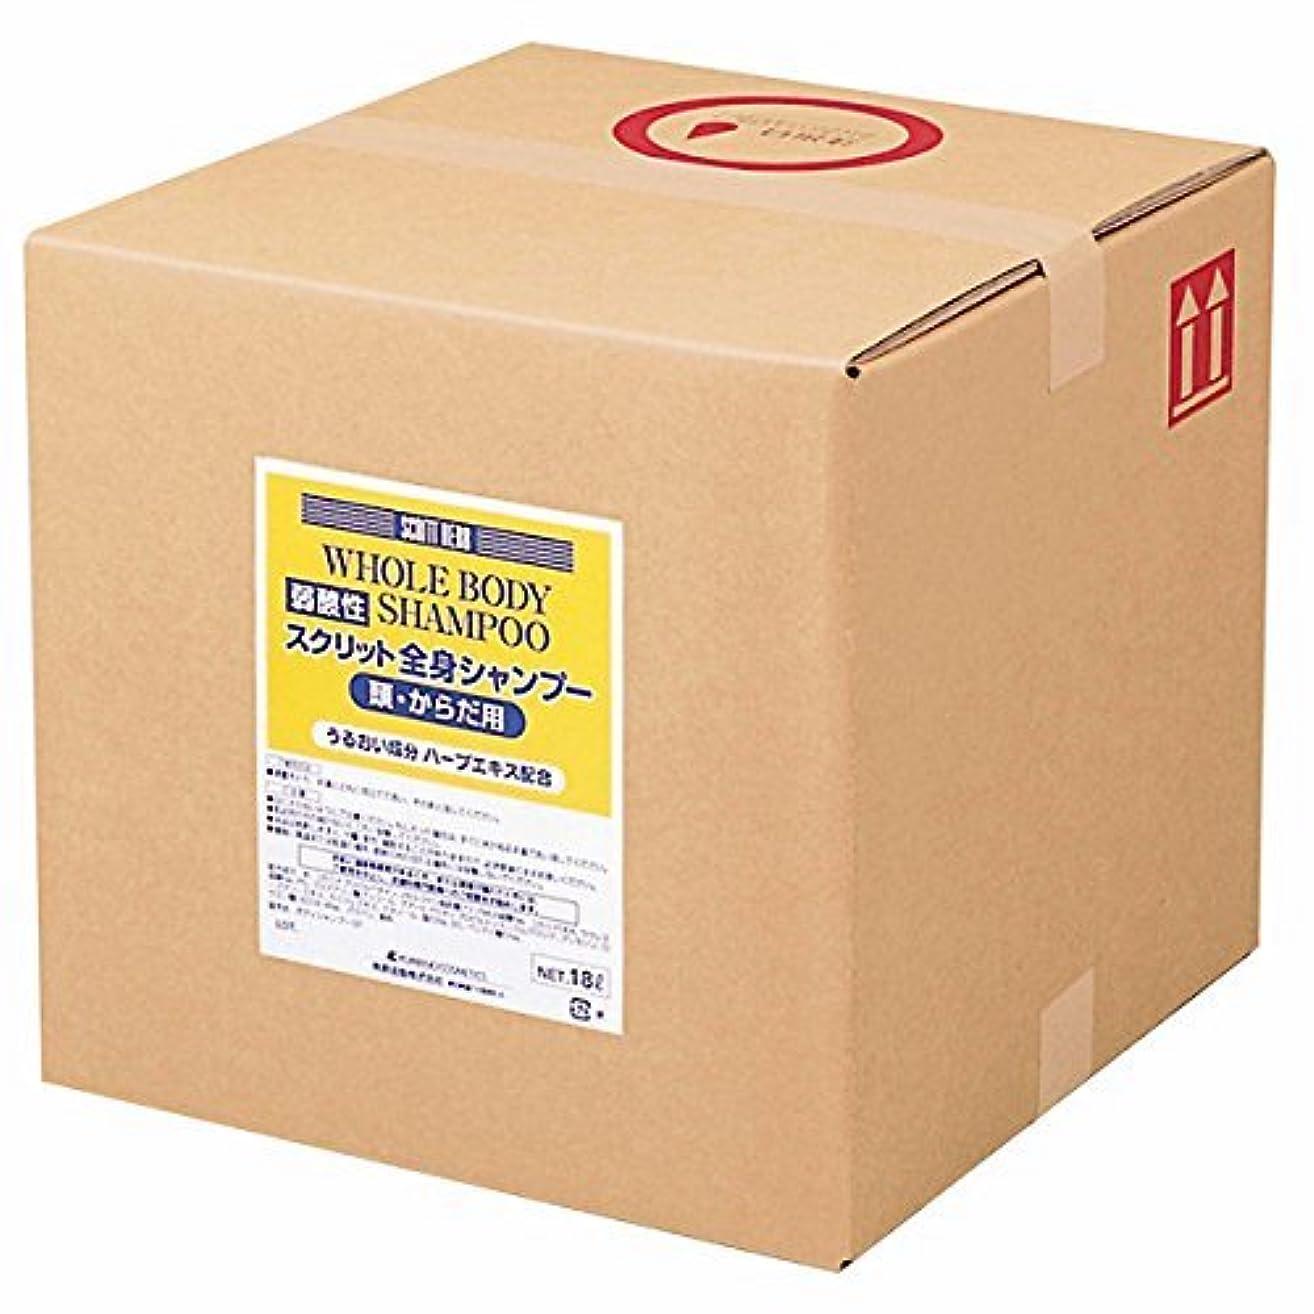 コモランマ不調和第四熊野油脂 業務用 SCRITT(スクリット) 全身シャンプー 18L